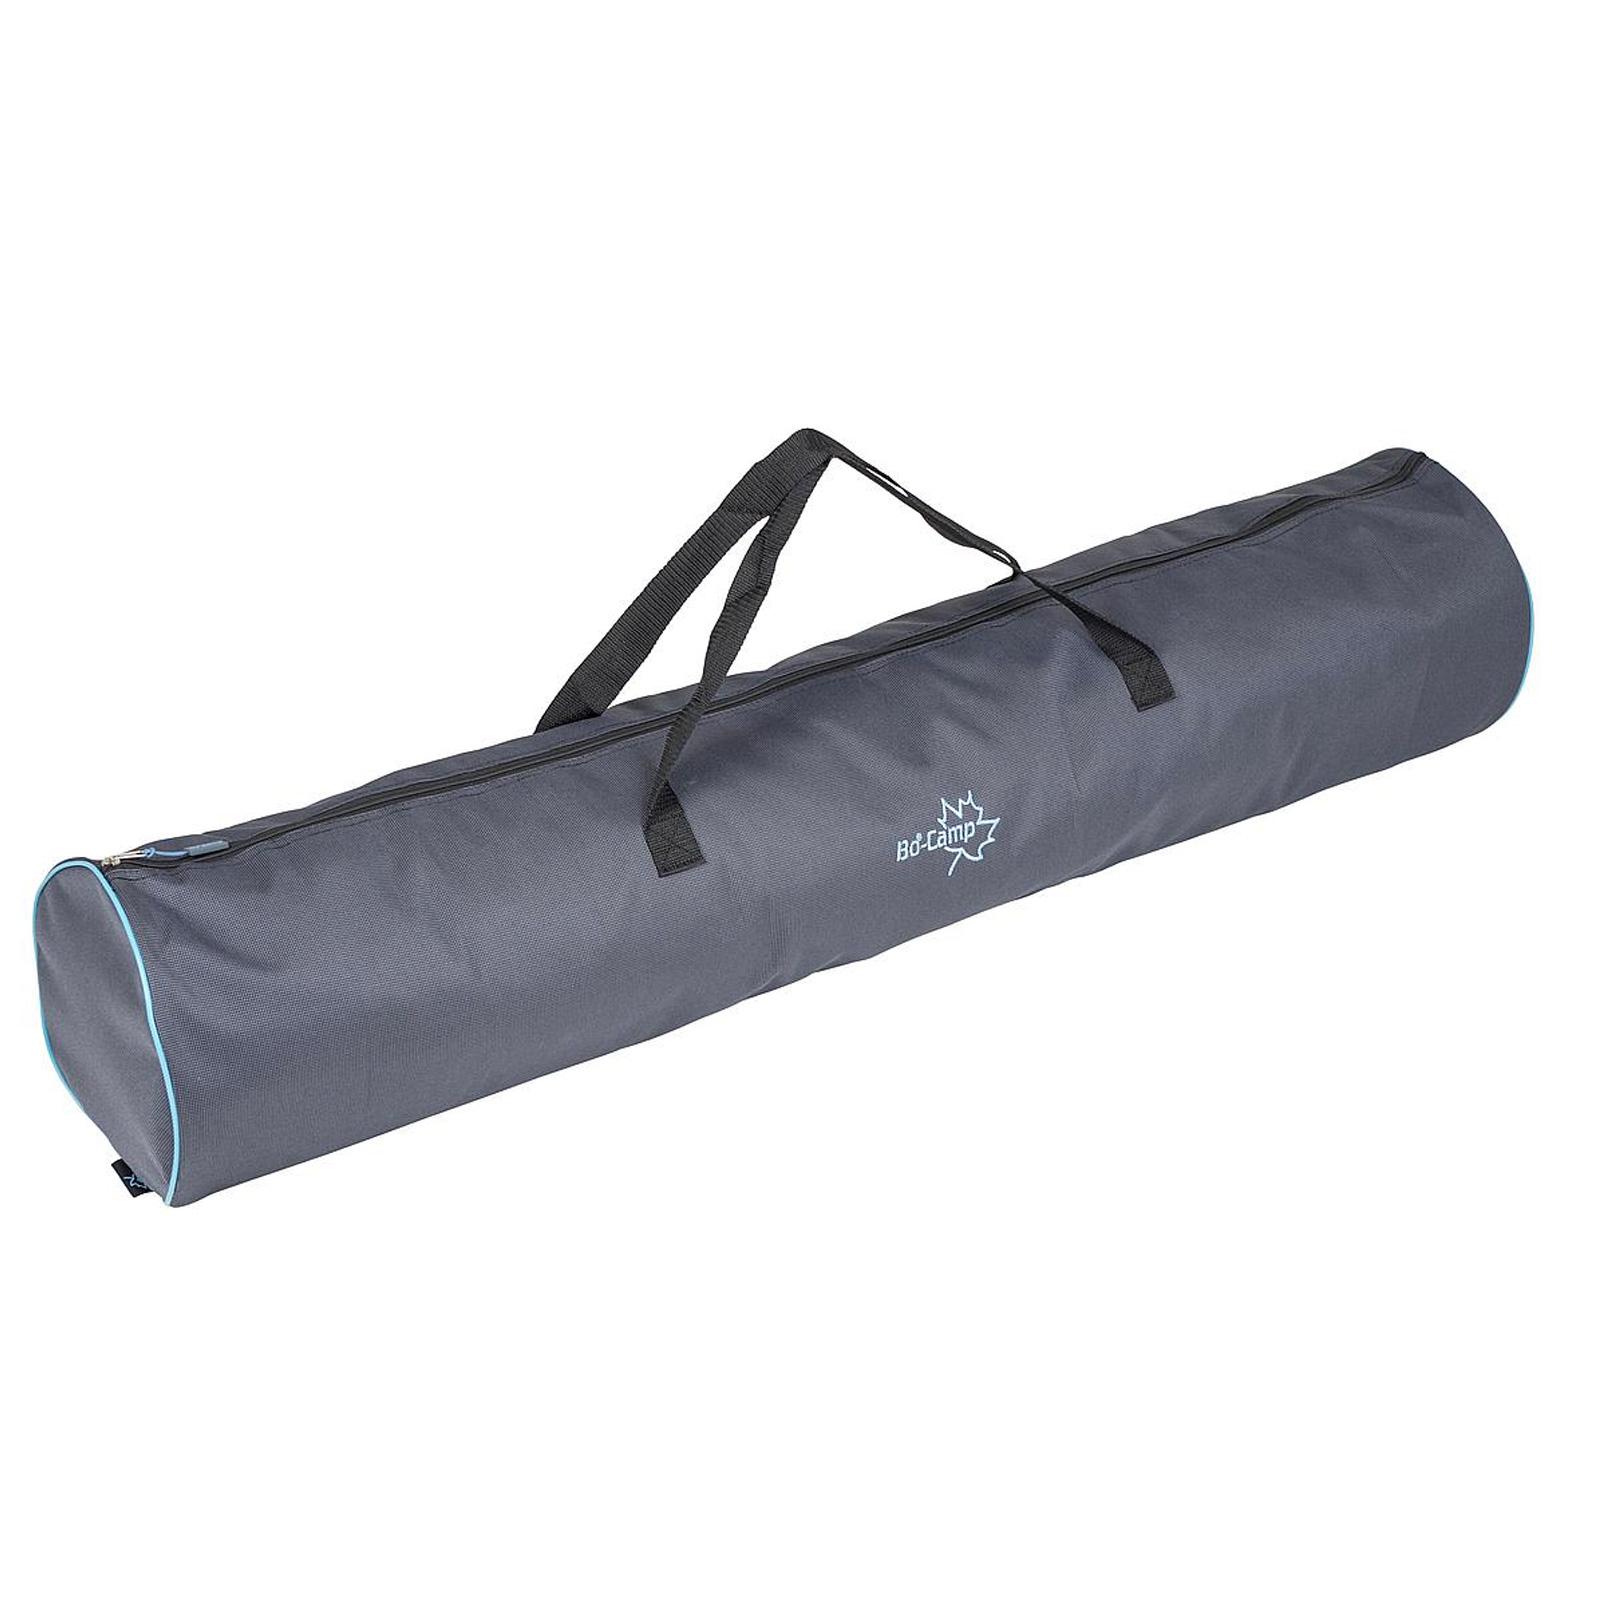 Tragetasche für Zeltgestänge | Zeltstangen Tasche | large